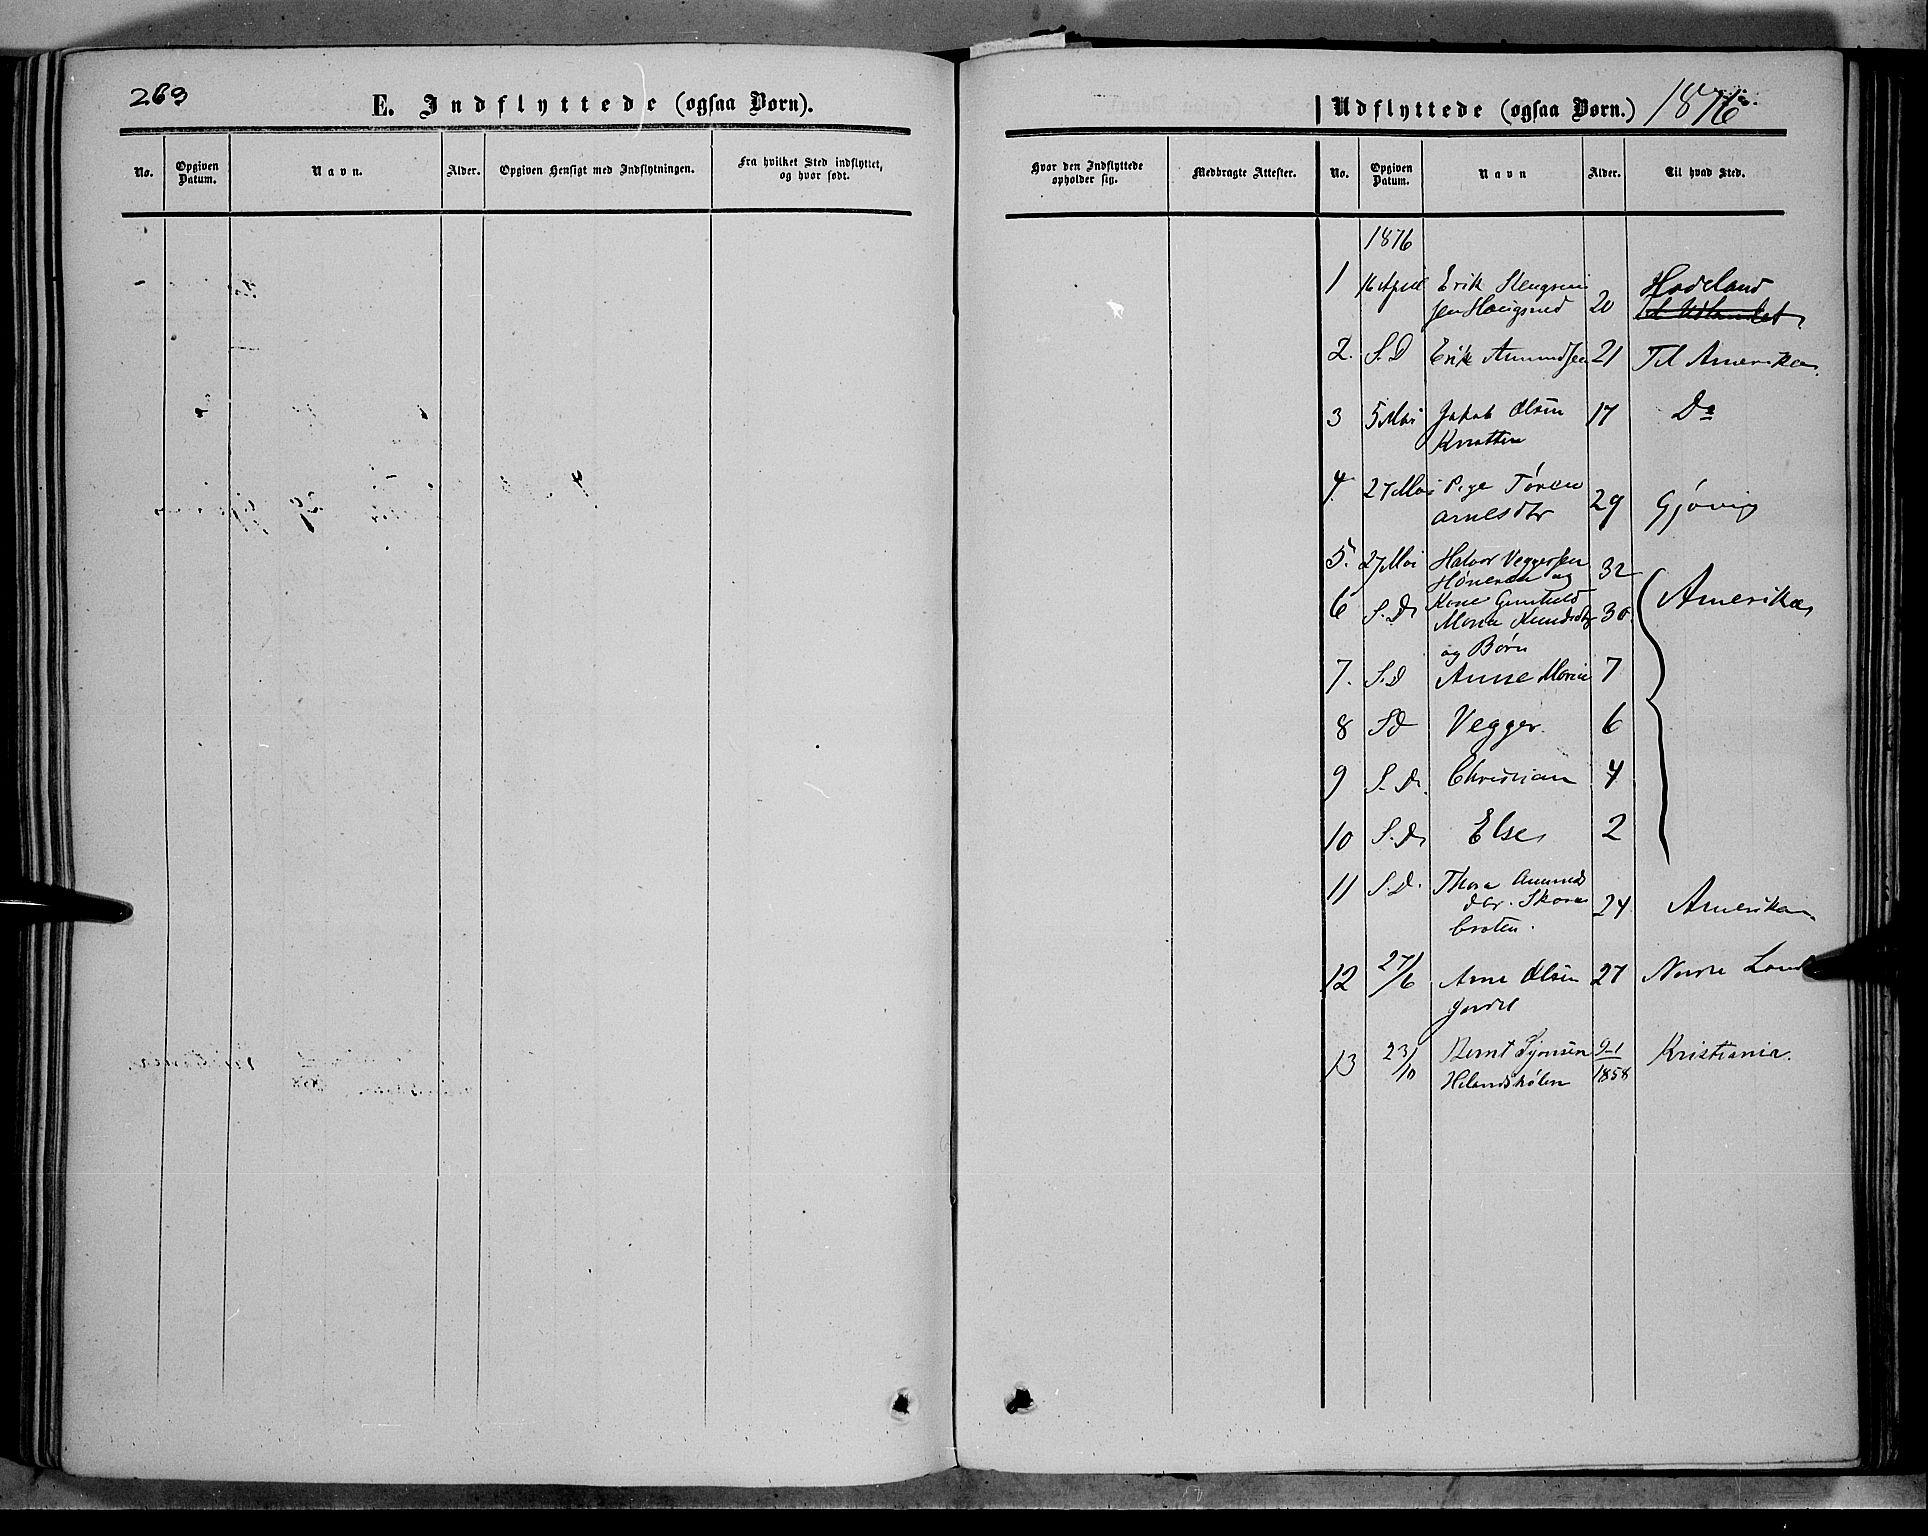 SAH, Sør-Aurdal prestekontor, Ministerialbok nr. 5, 1849-1876, s. 263